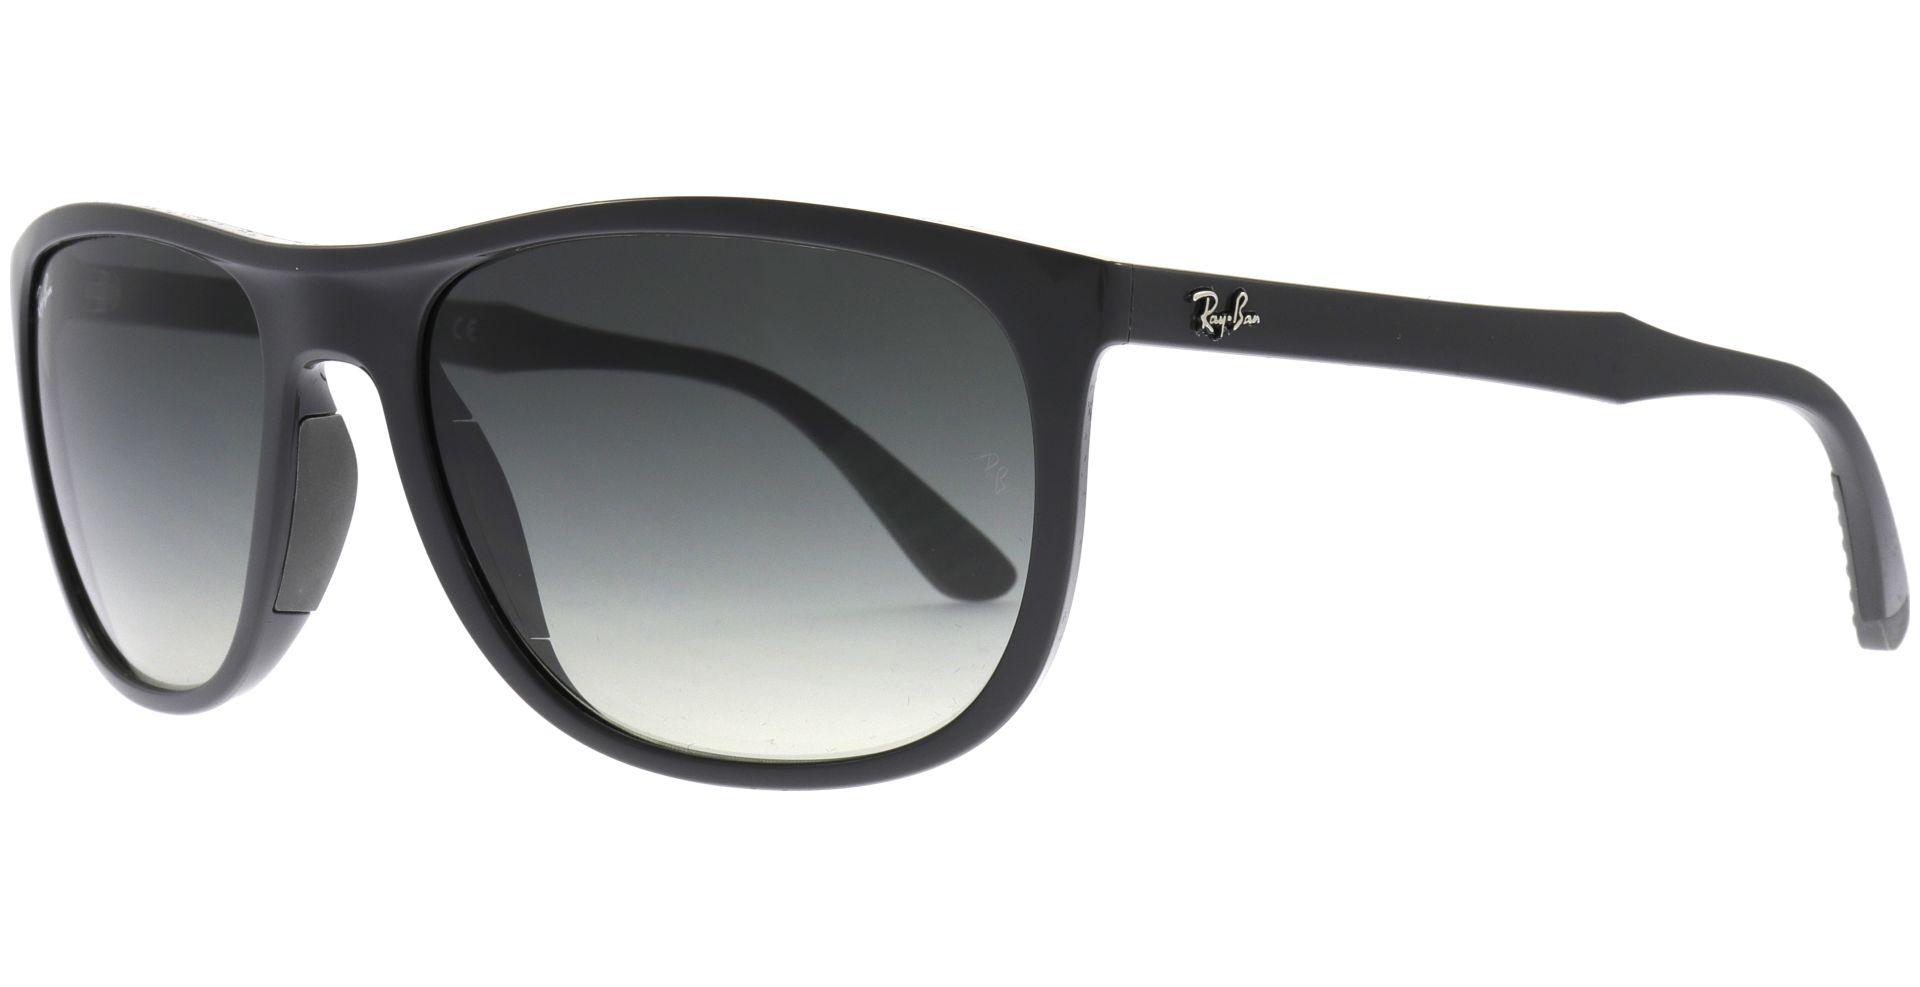 Ray-Ban RB4291 Sonnenbrille Grau 618511 58mm 5soxeuWwM